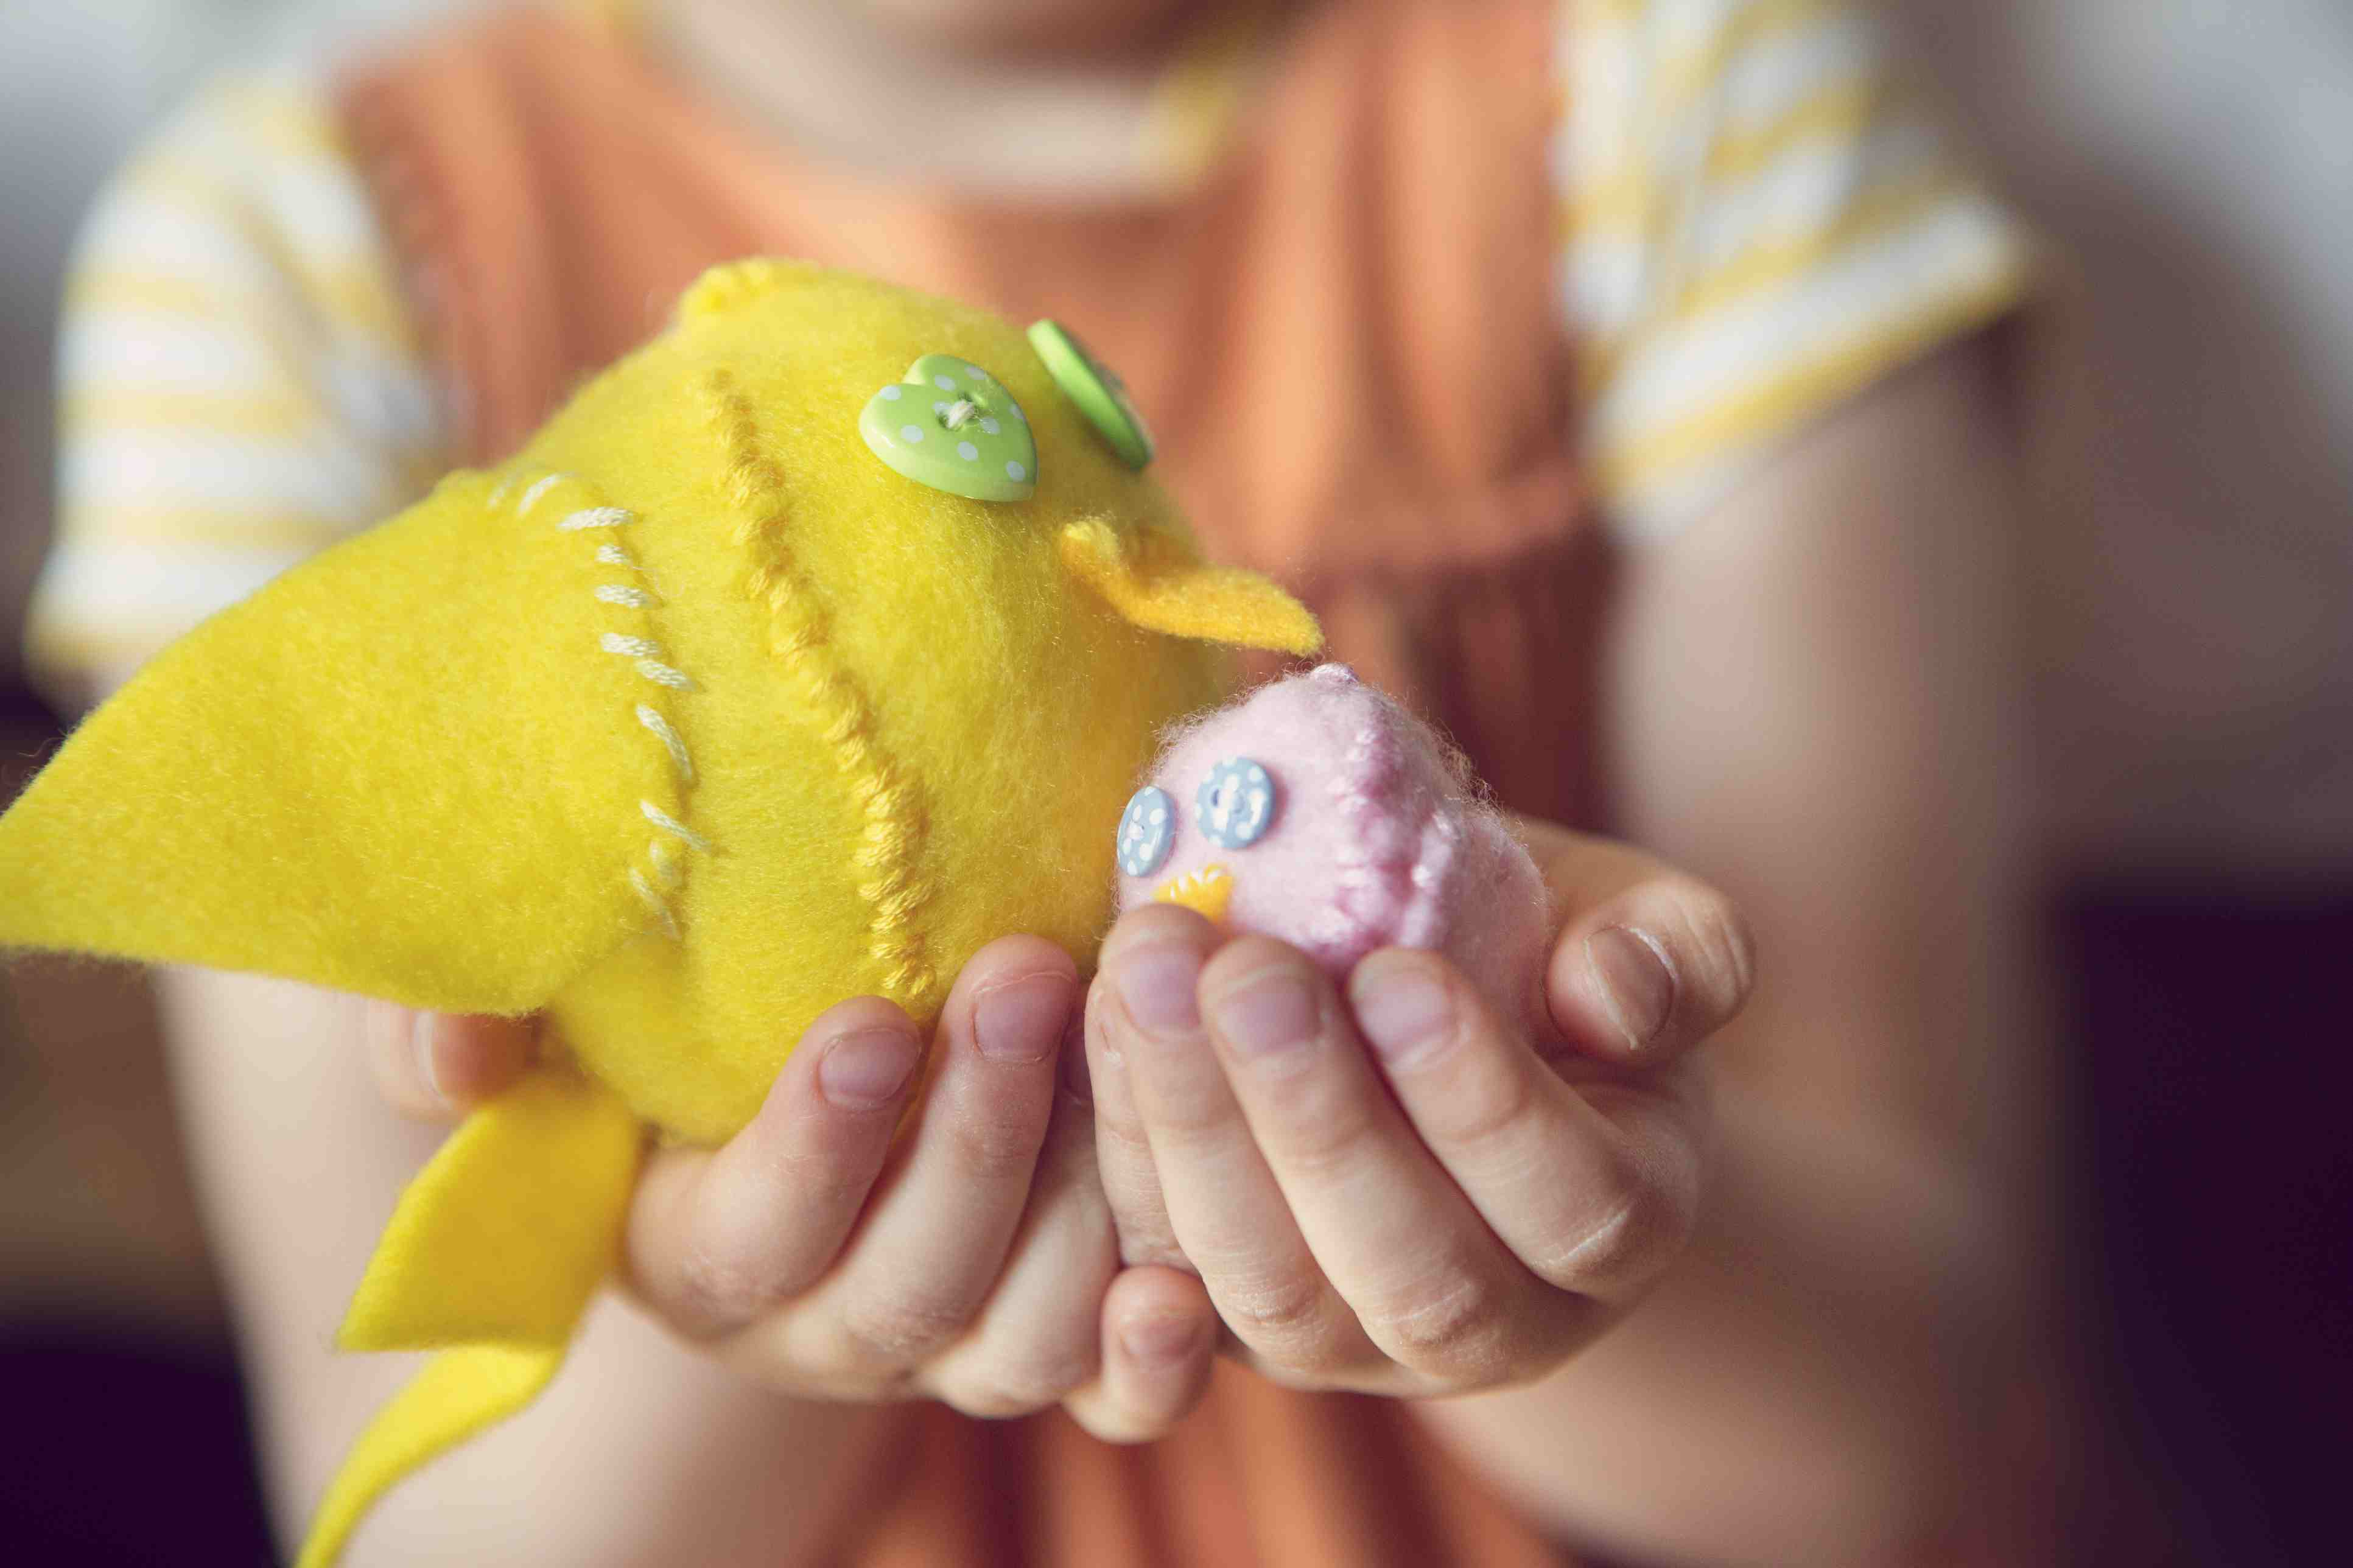 Child holding homemade felt chicks